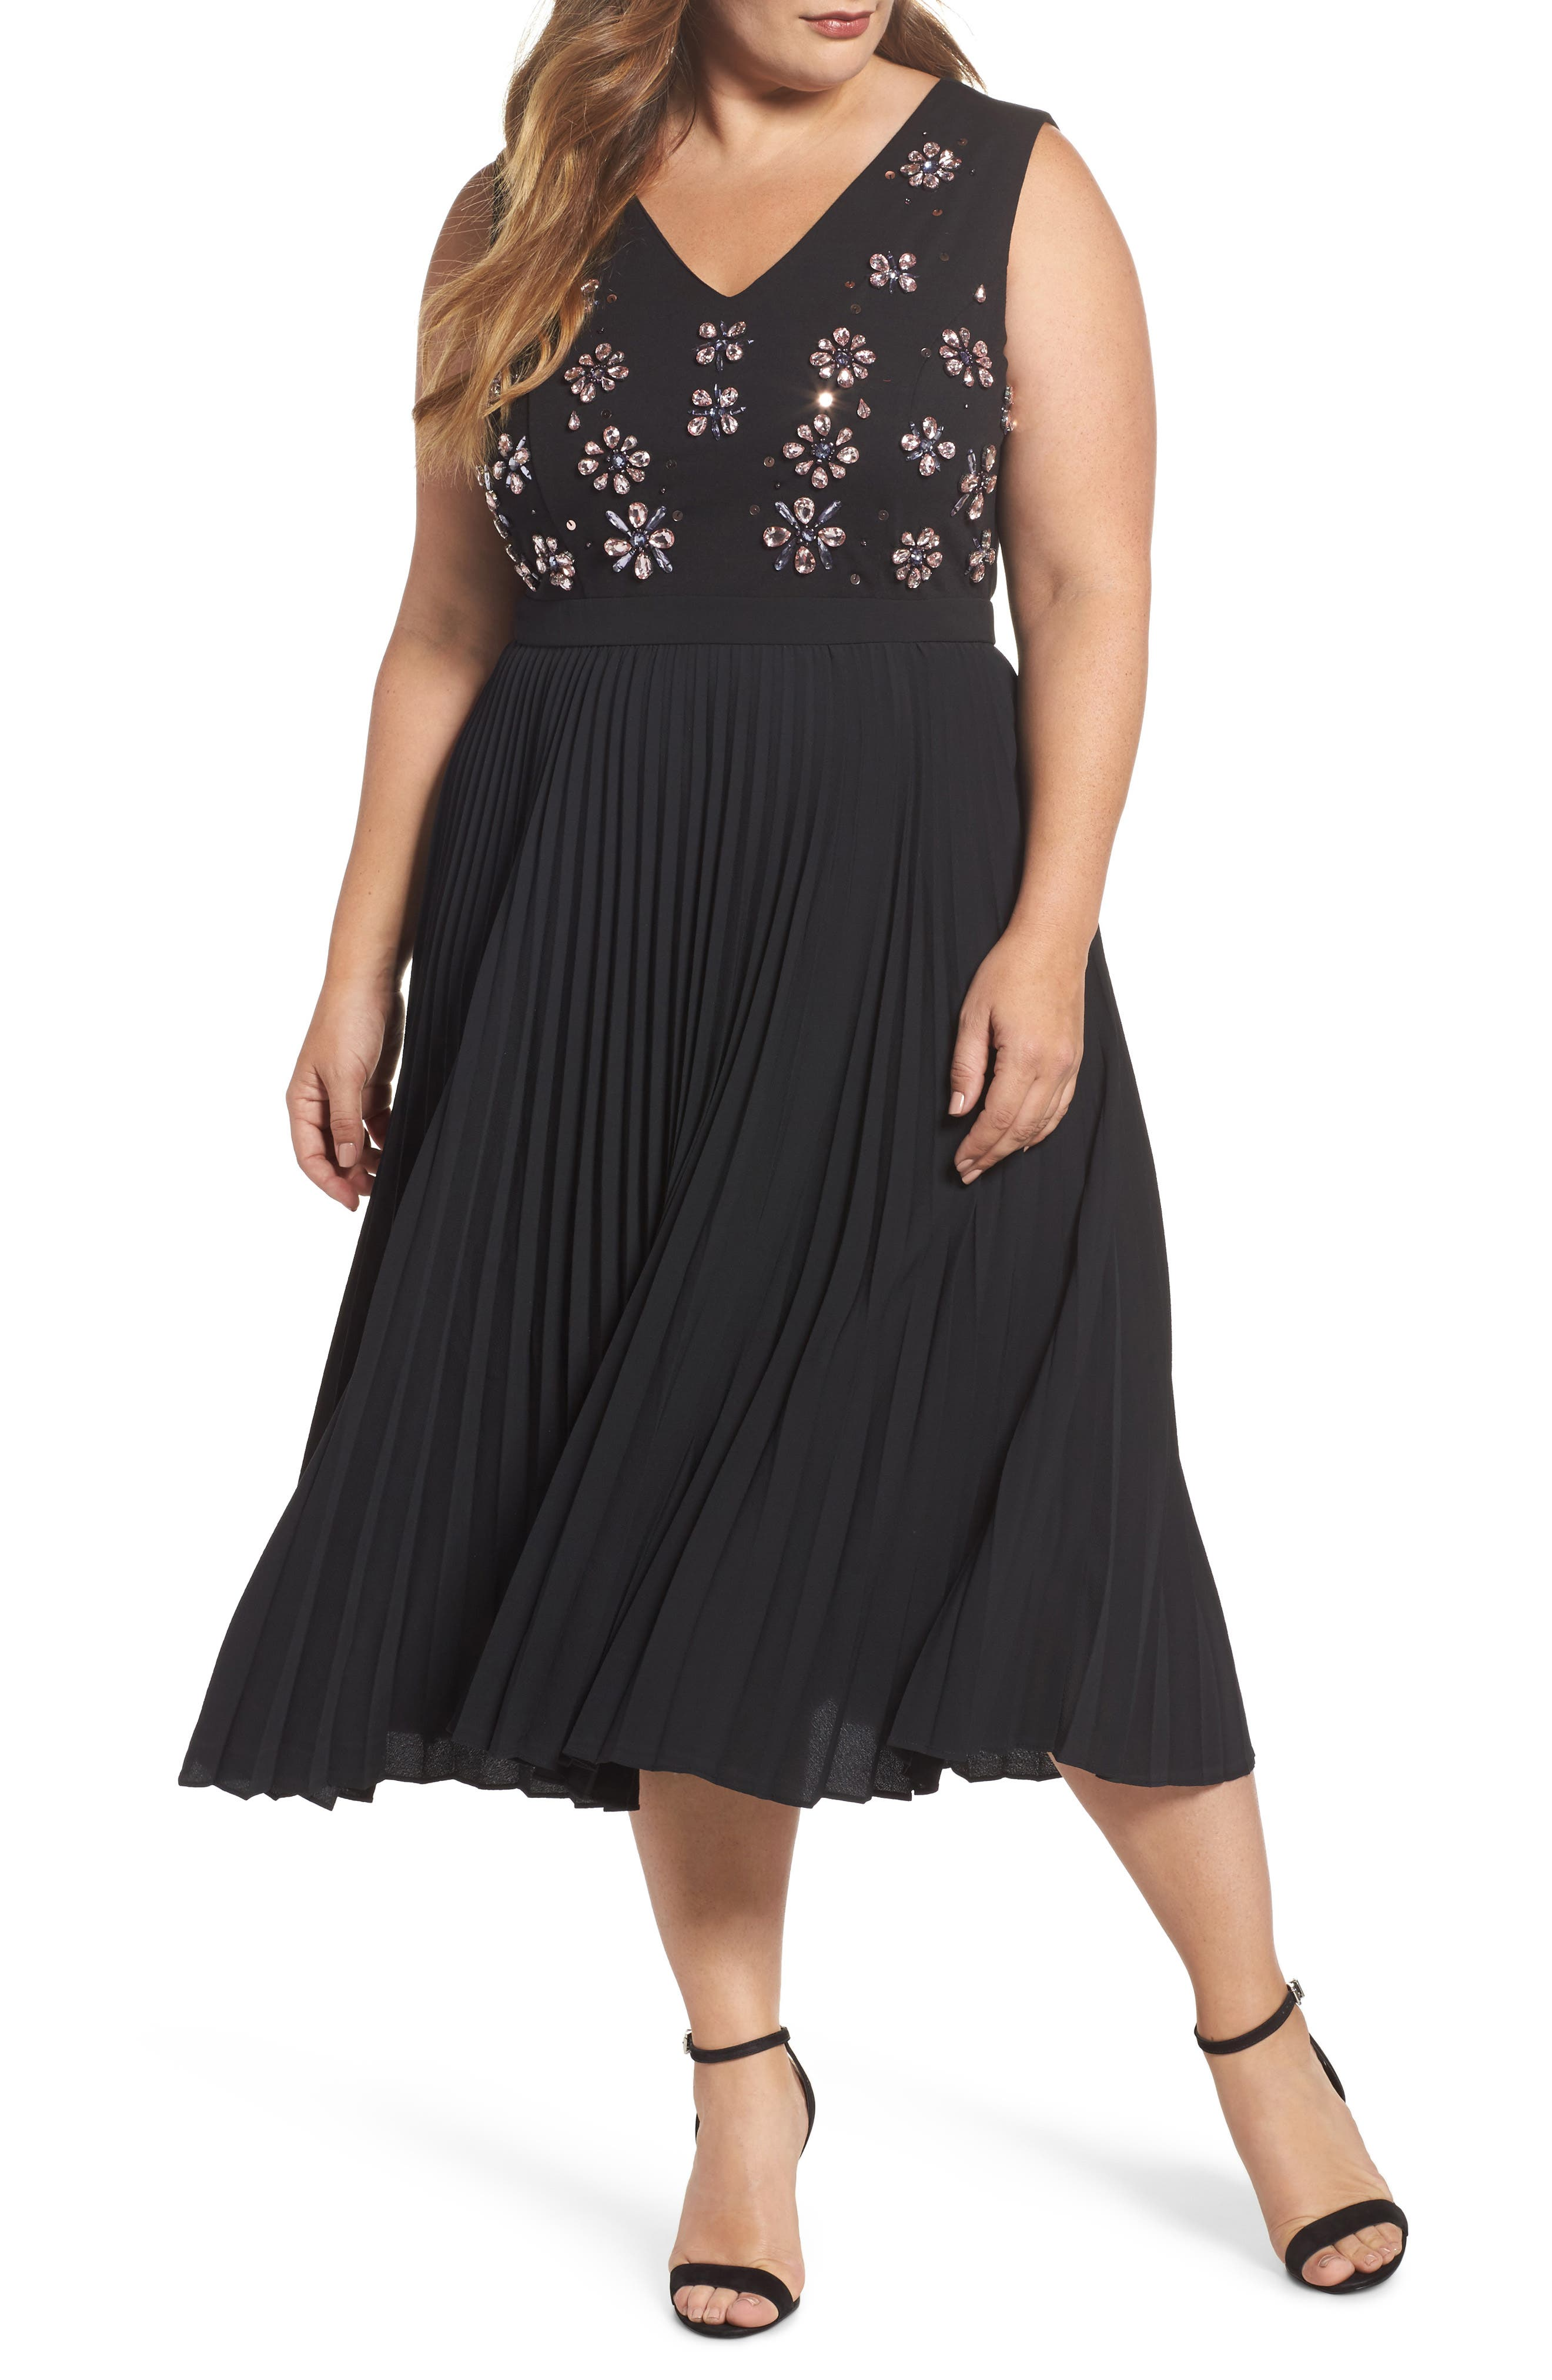 Crystal Flower Embellished Dress,                         Main,                         color, Black